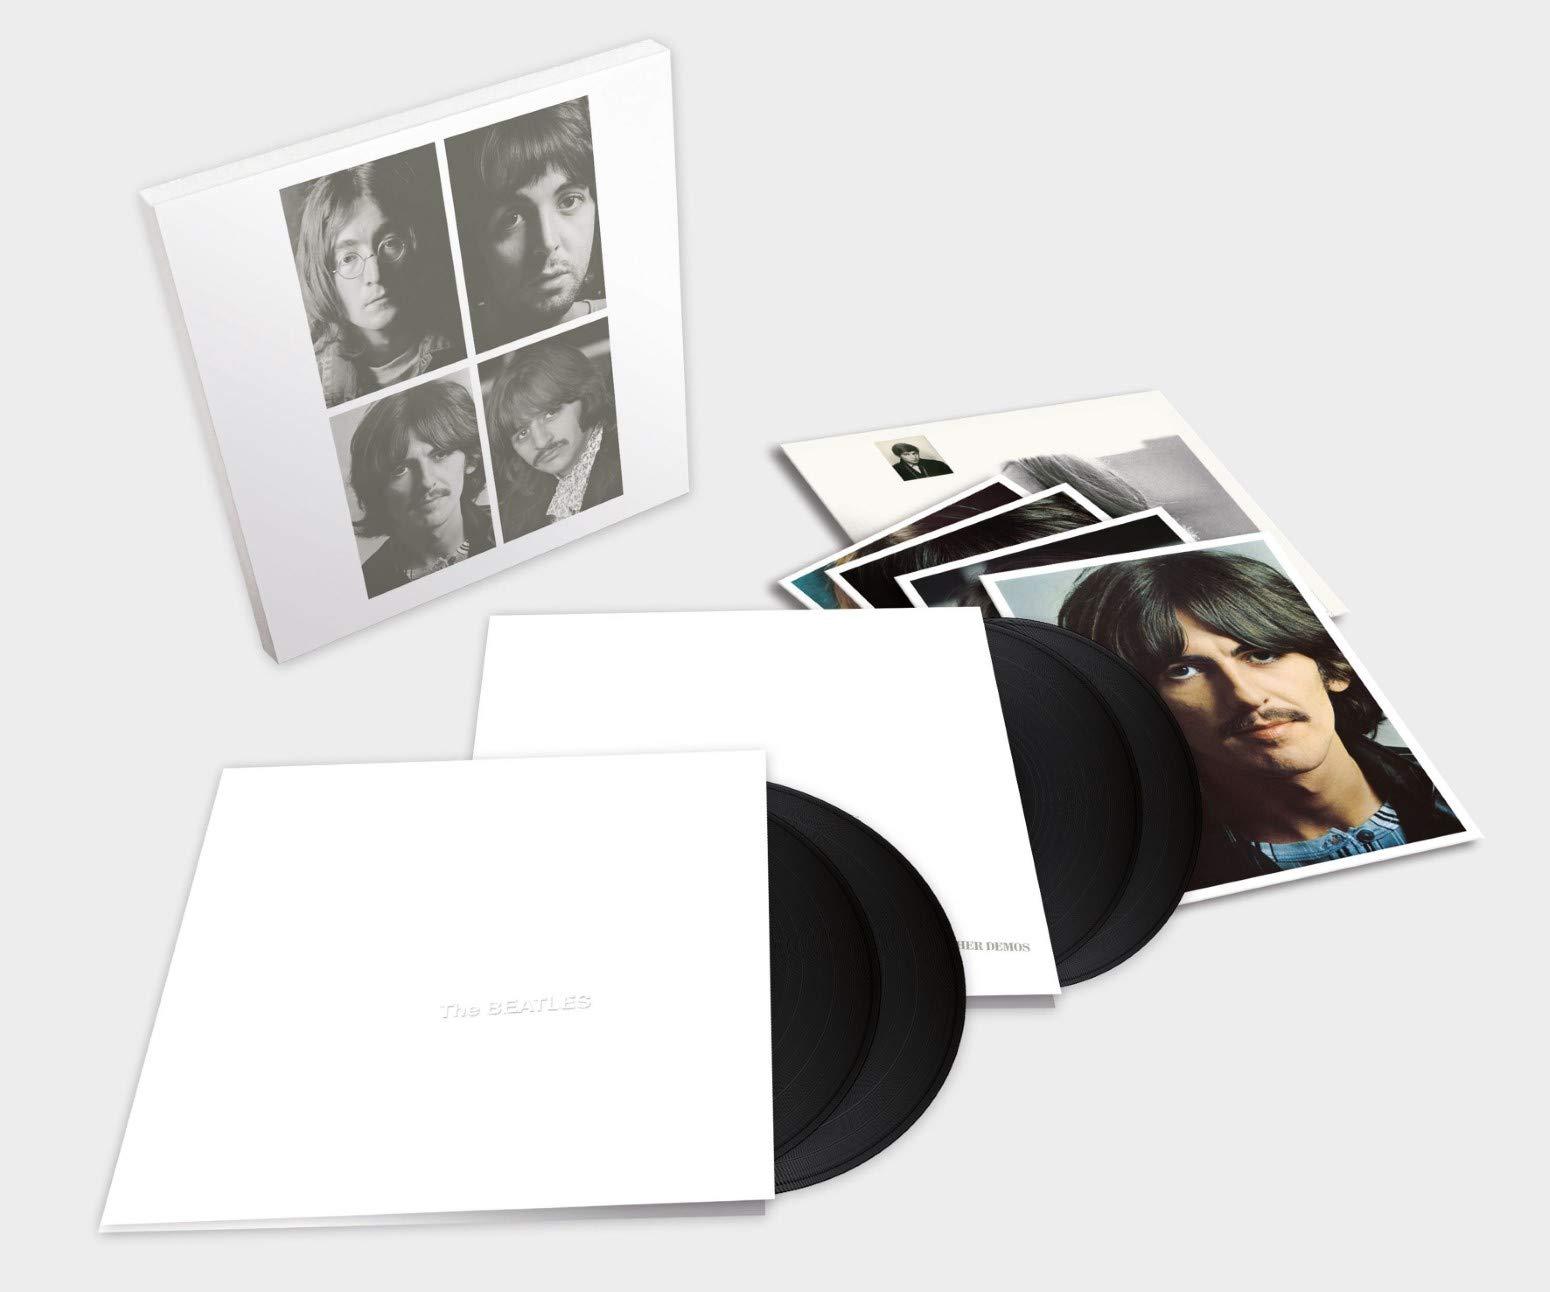 Vinilo : The Beatles - The Beatles (the White Album) (180 Gram Vinyl, Oversize Item Split)